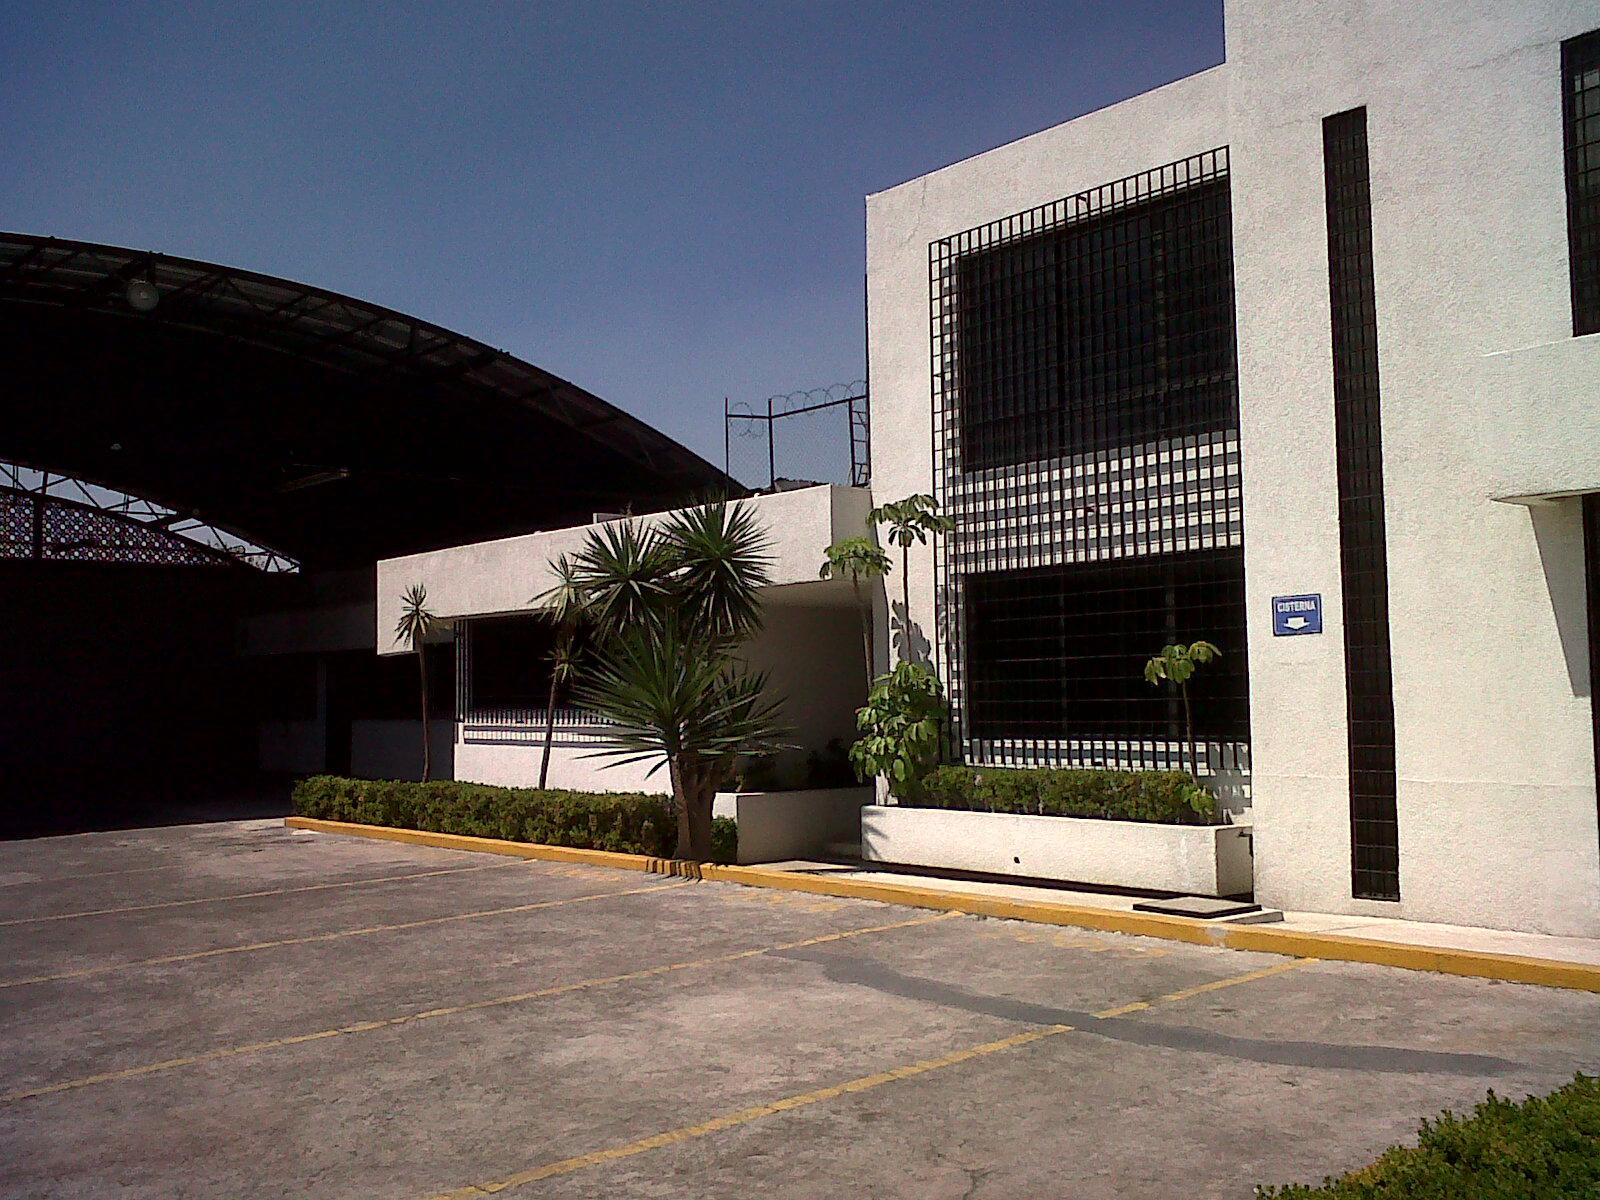 Rento naves industriales con bodega y oficinas for Oficinas industriales